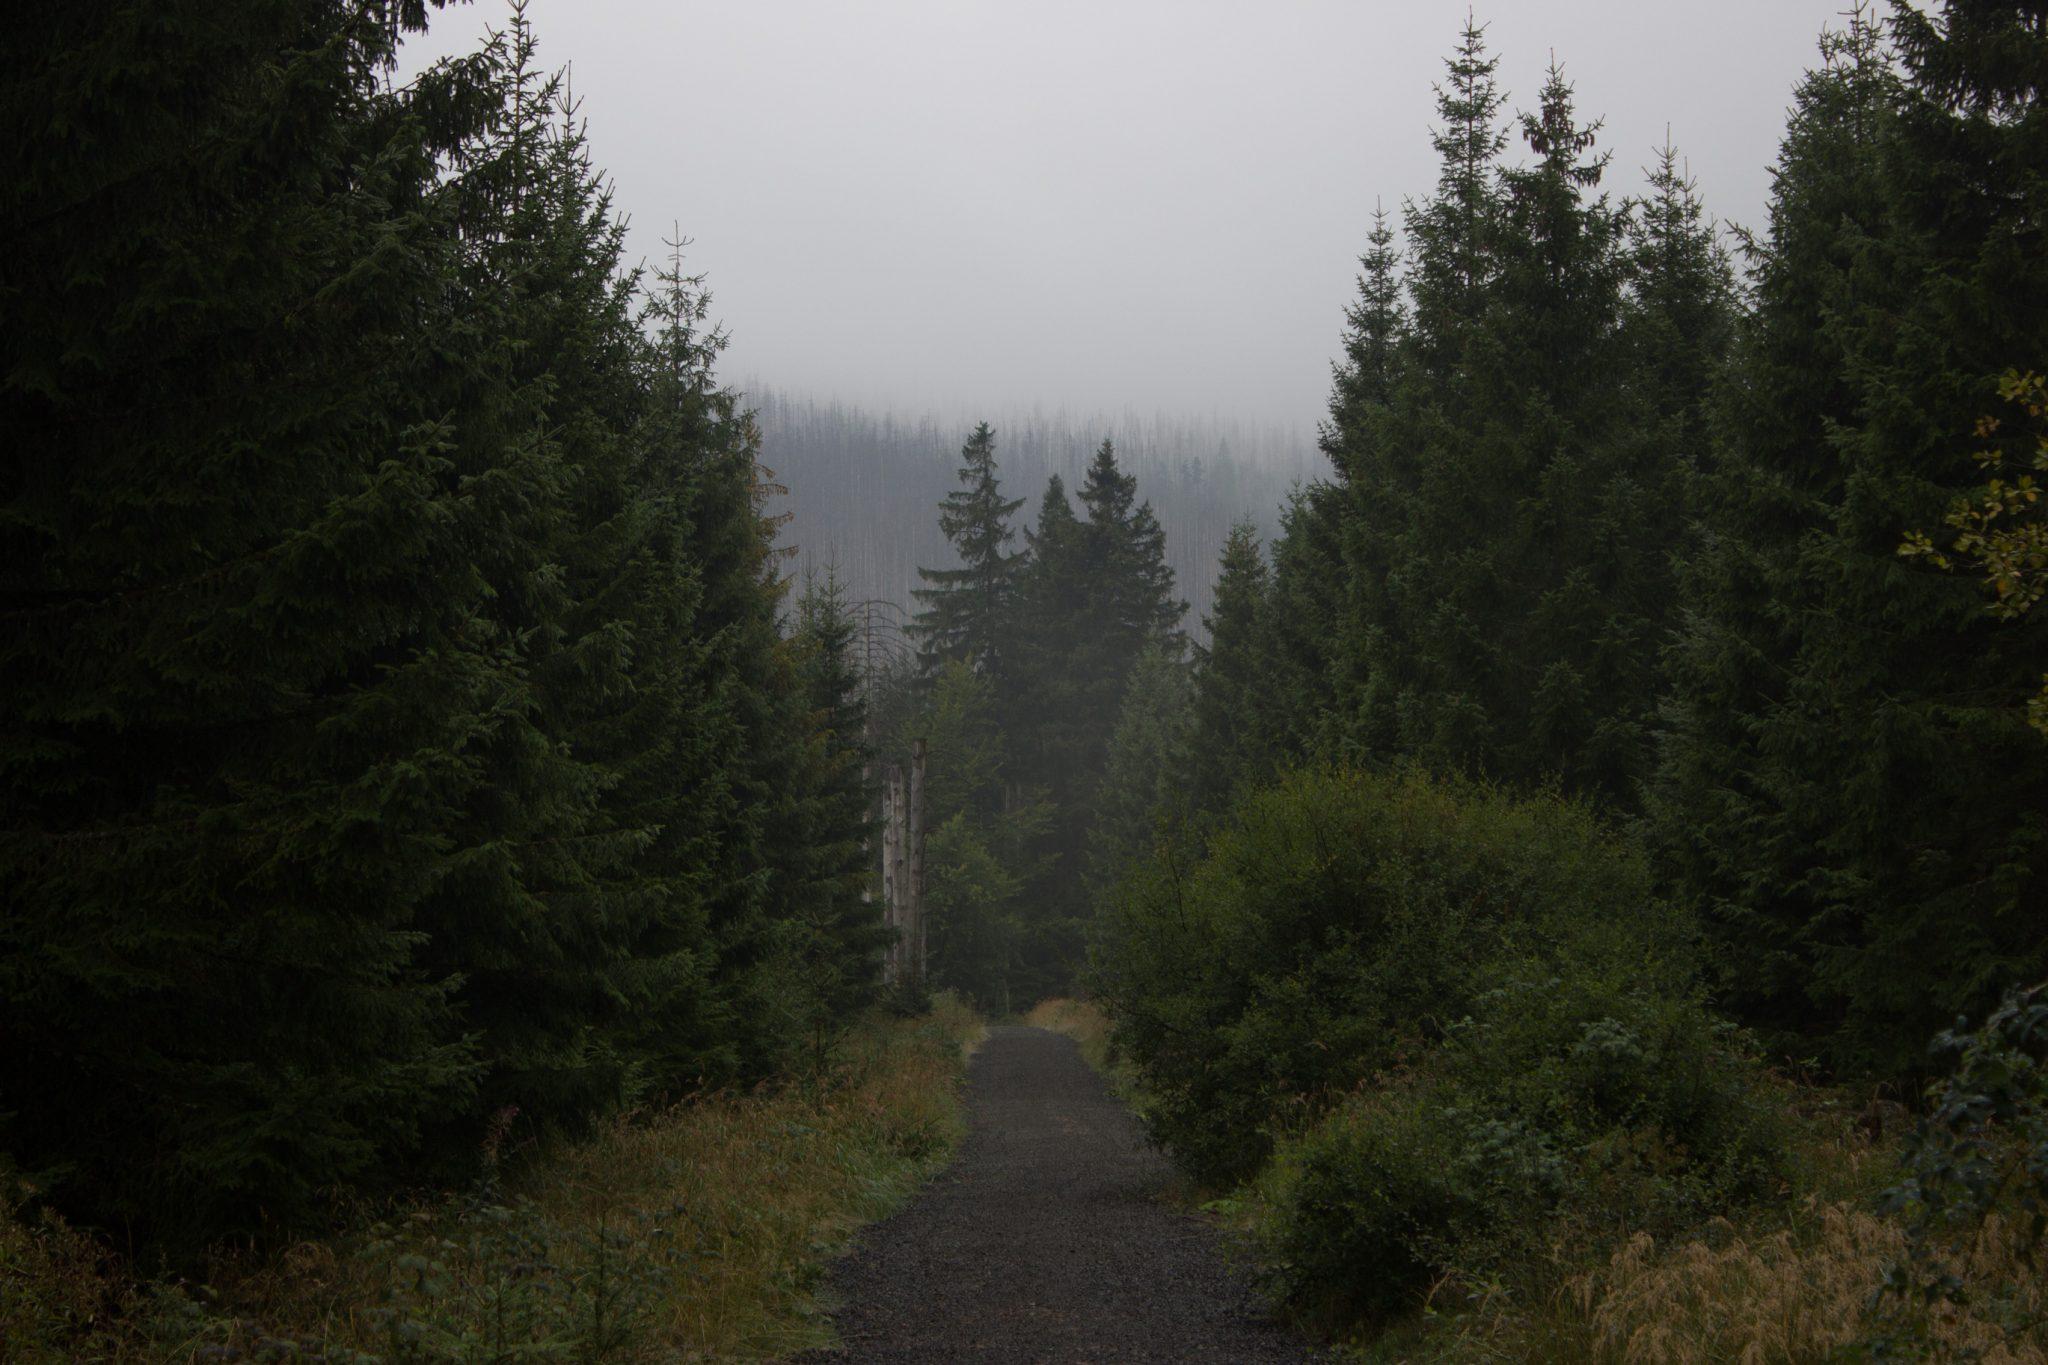 Wanderung Brocken über Heinrich-Heine-Weg Start in Ilsenburg, Nationalpark Harz, triste Stimmung, steiniger Weg zum Brocken. ringsum Wald